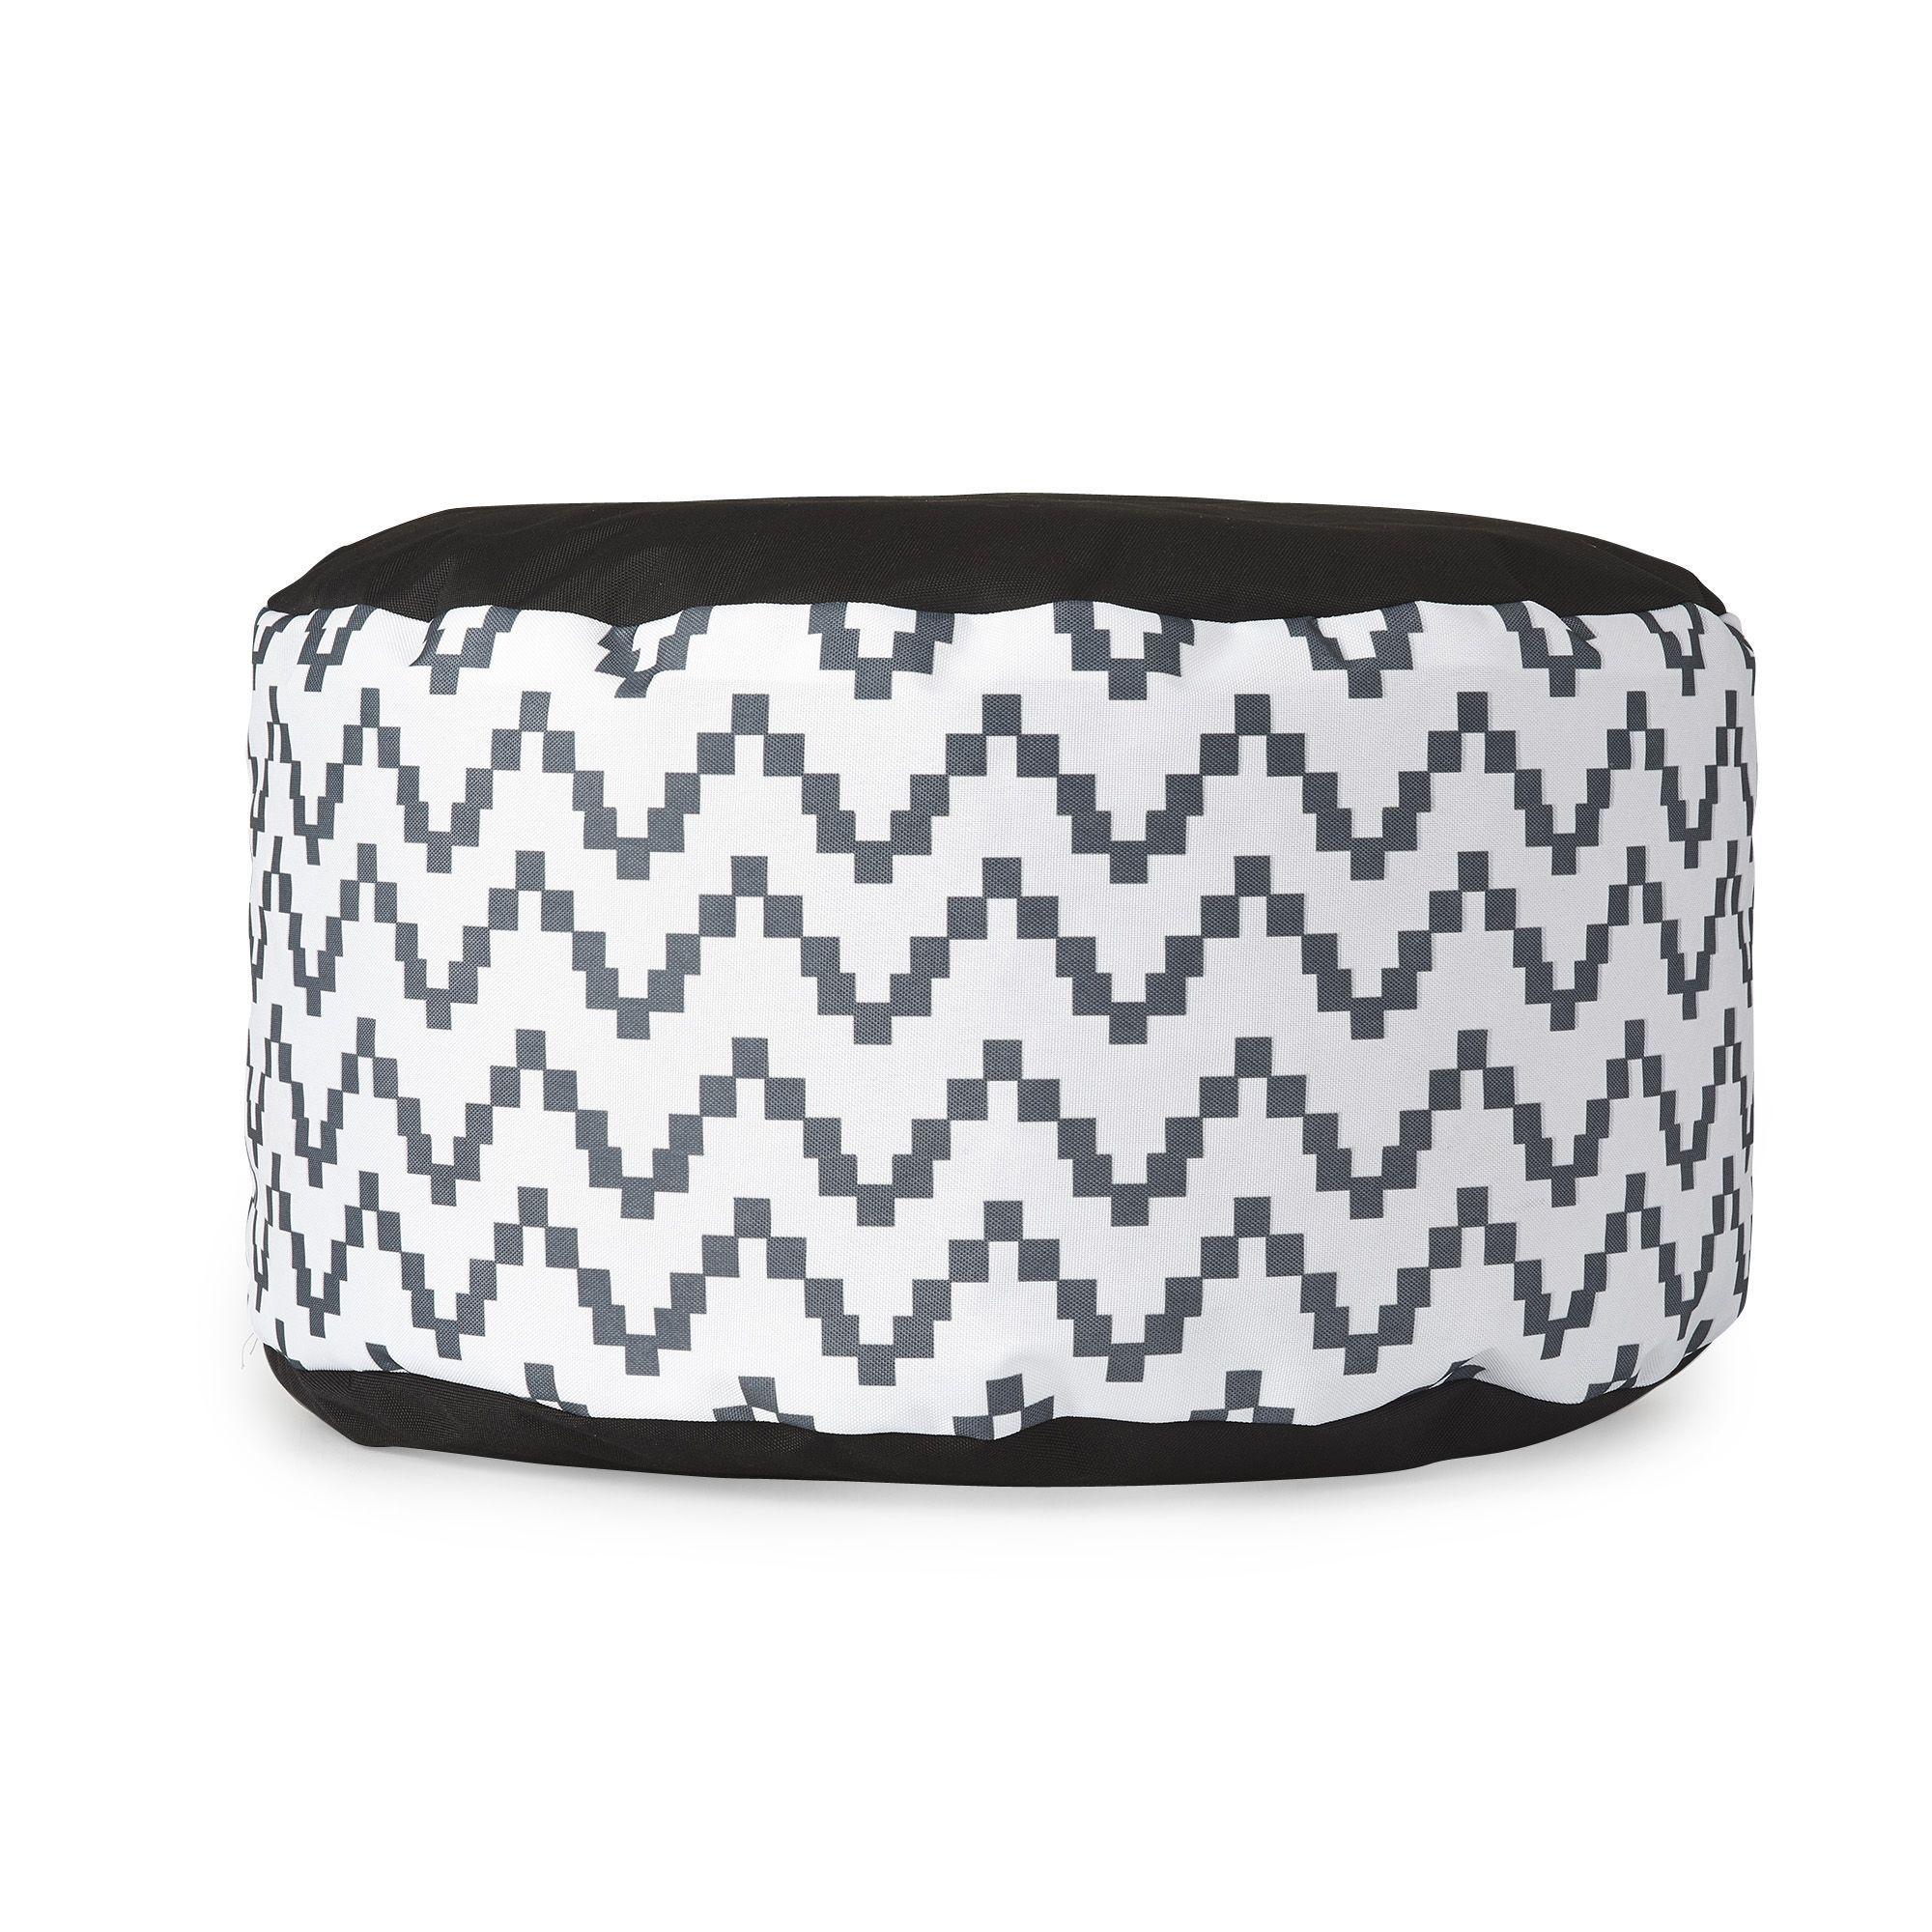 pouf noir et blanc 50x25cm noir blanc ikat tex les poufs fauteuils et poufs canap s et. Black Bedroom Furniture Sets. Home Design Ideas